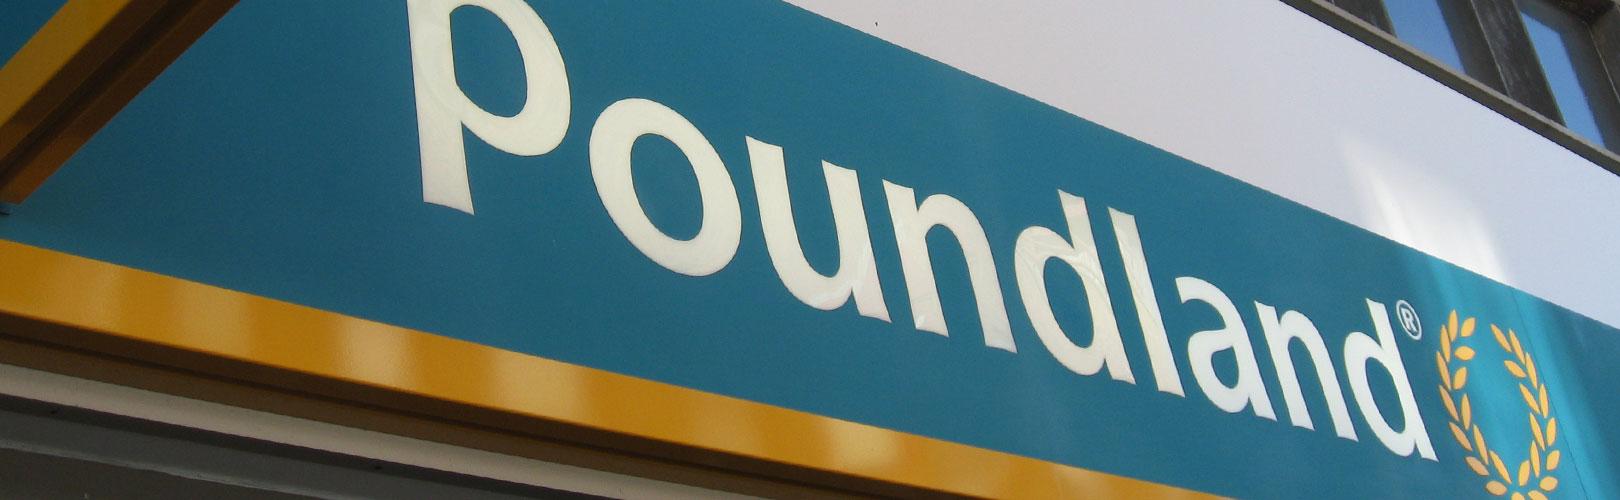 Photo: Poundland rollout project management